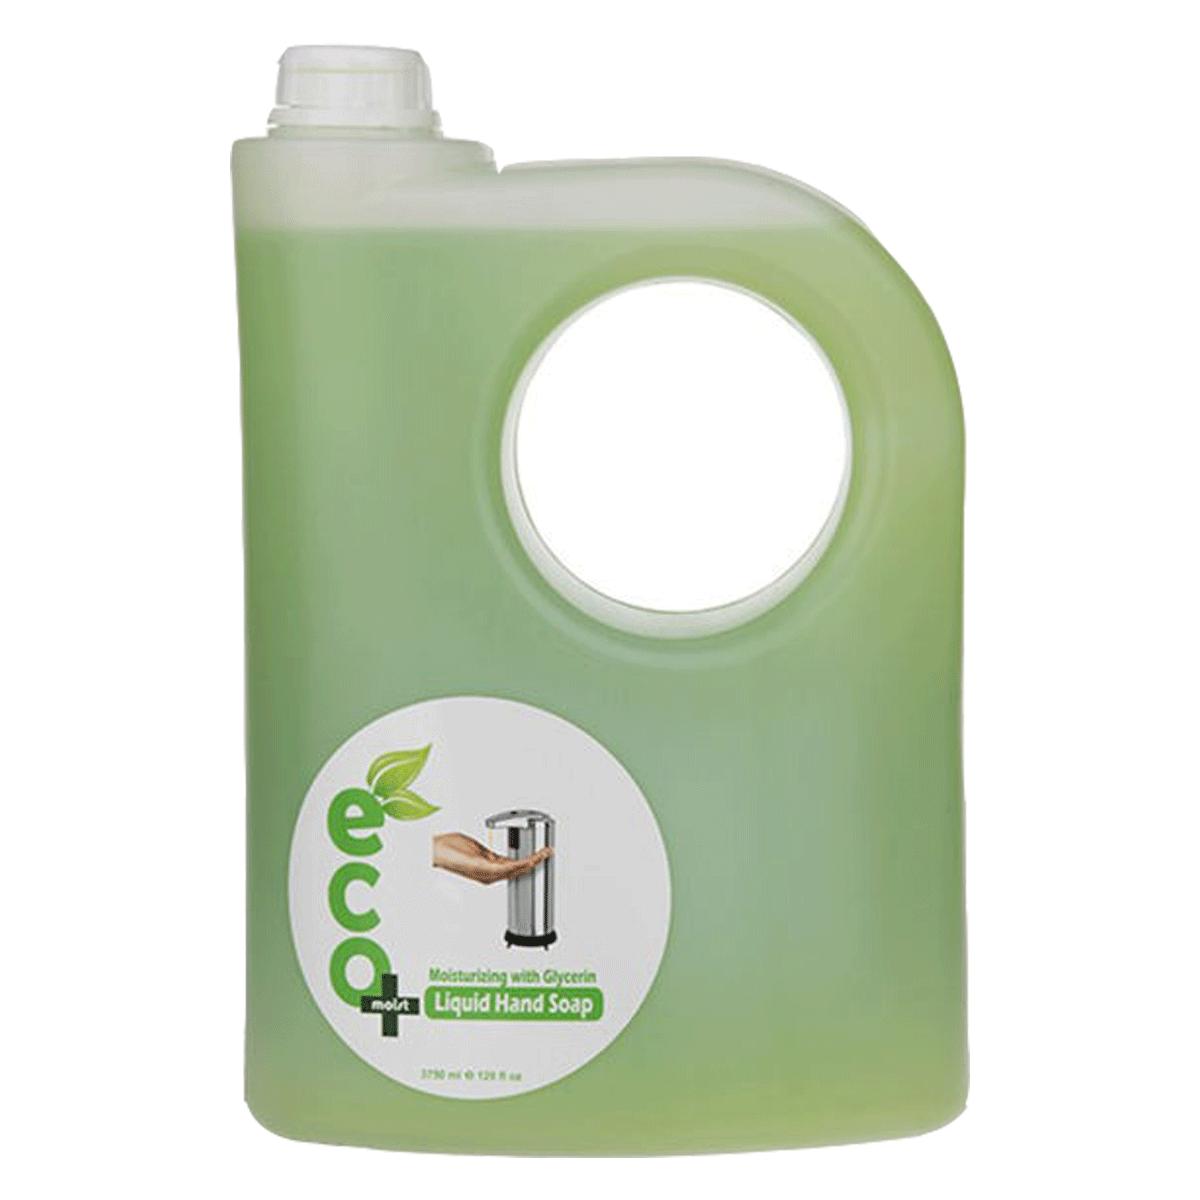 مایع دستشویی بزرگ سبز ایکو (3750 سی سی)